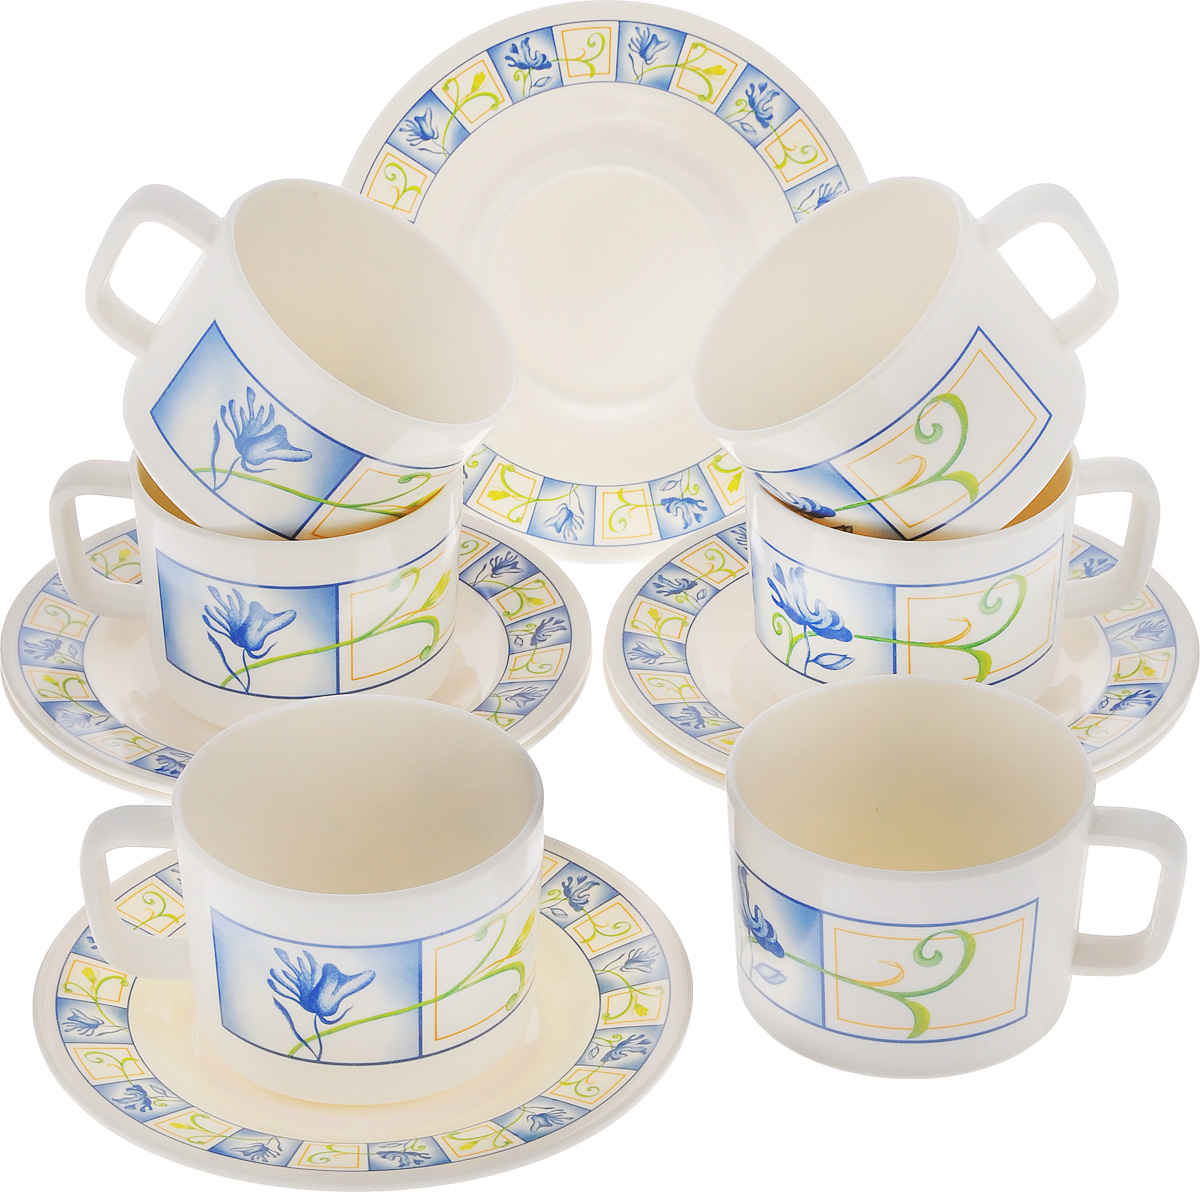 Набор чайный Calve, 12 предметов. CL-2510CL-2510Чайный набор Calve состоит из шести чашек и шести блюдец, выполненных из высококачественного пластика. Изделия оформлены ярким рисунком. Изящный набор эффектно украсит стол к чаепитию и порадует вас функциональностью и ярким дизайном. Можно мыть в посудомоечной машине.Диаметр блюдца: 16,5 см. Объем чашки: 330 мл. Диаметр чашки (по верхнему краю): 9 см. Высота чашки: 7 см.